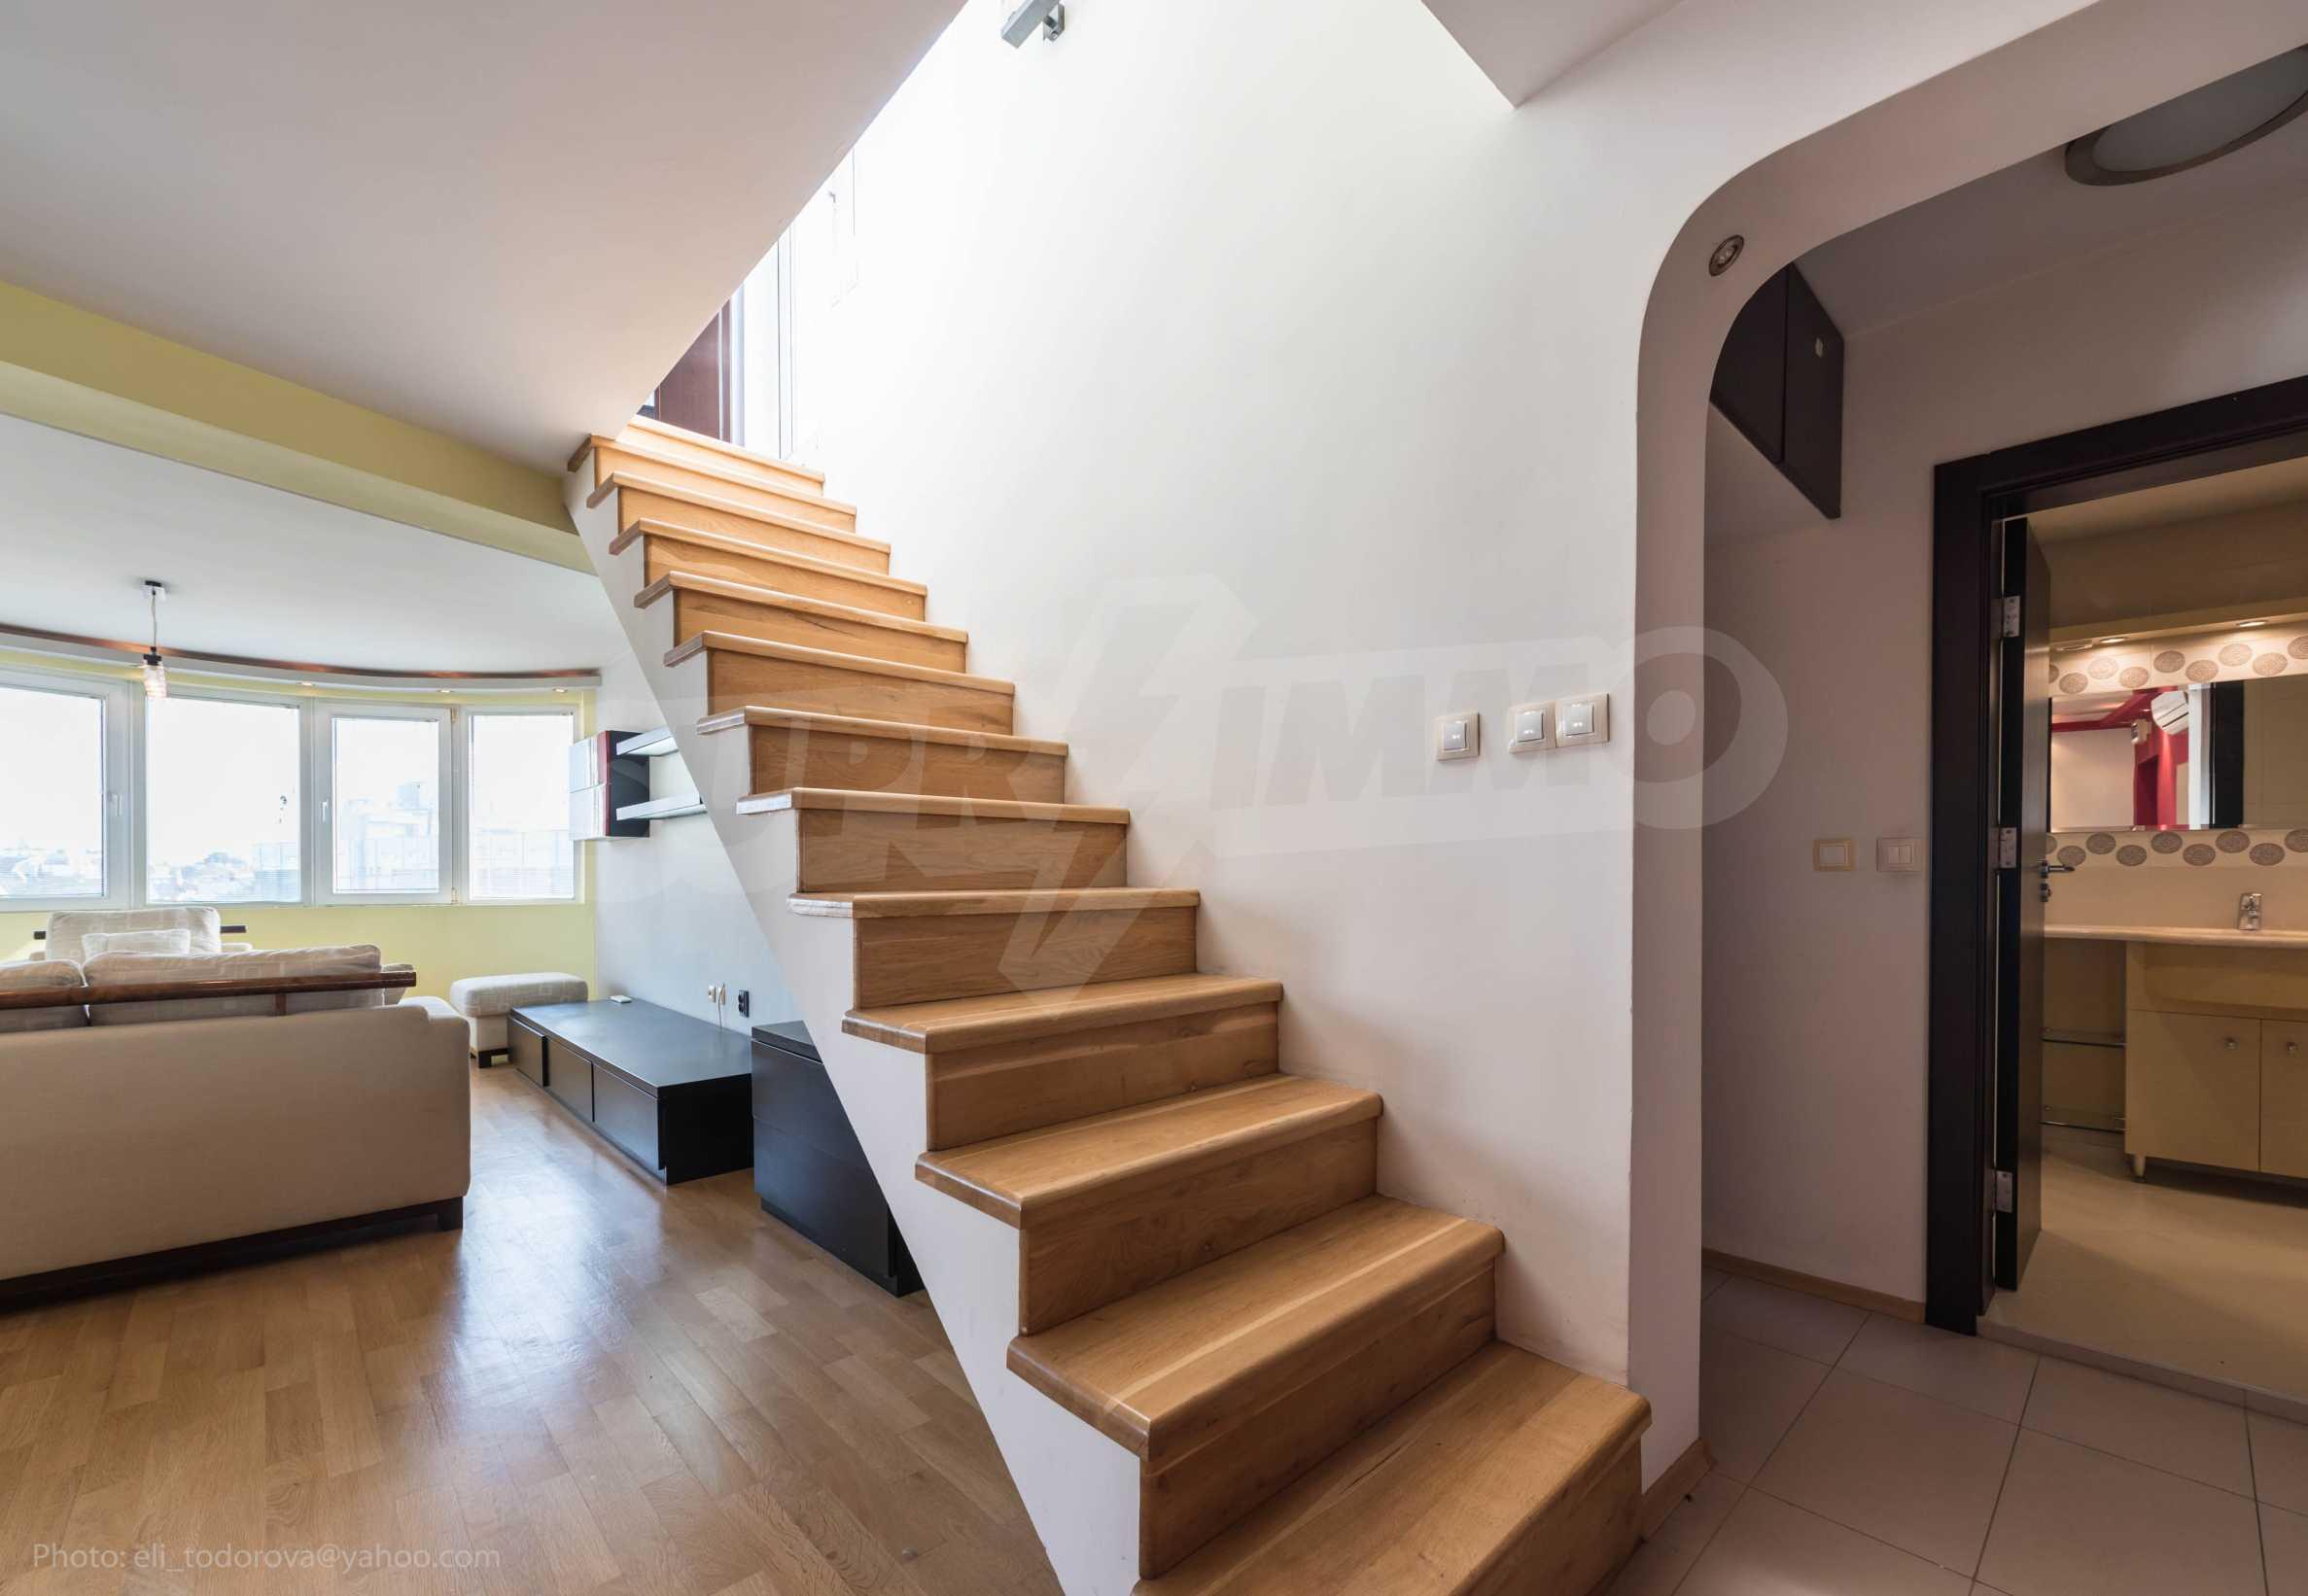 Квартира «Миша» - отличная трехкомнатная недвижимость в идеальном центре. 17